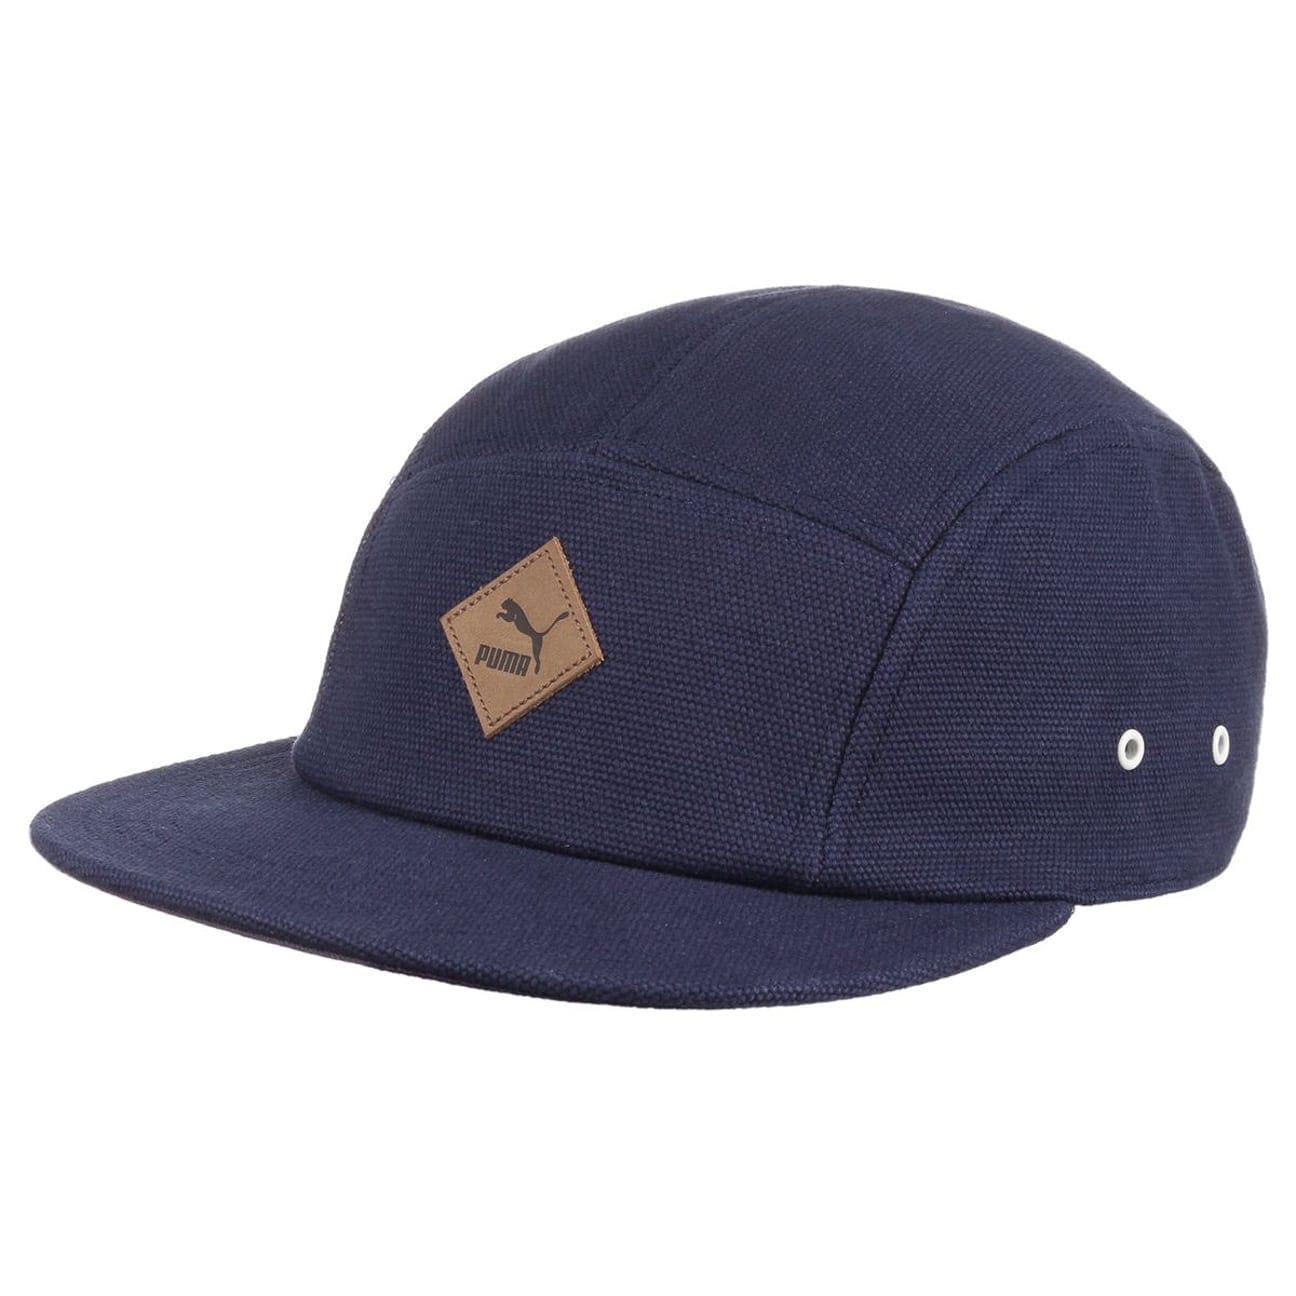 9c2805044b1 ... coupon code for 5 panel fabric cap by puma blue 6 cb3fd 8e360 ...